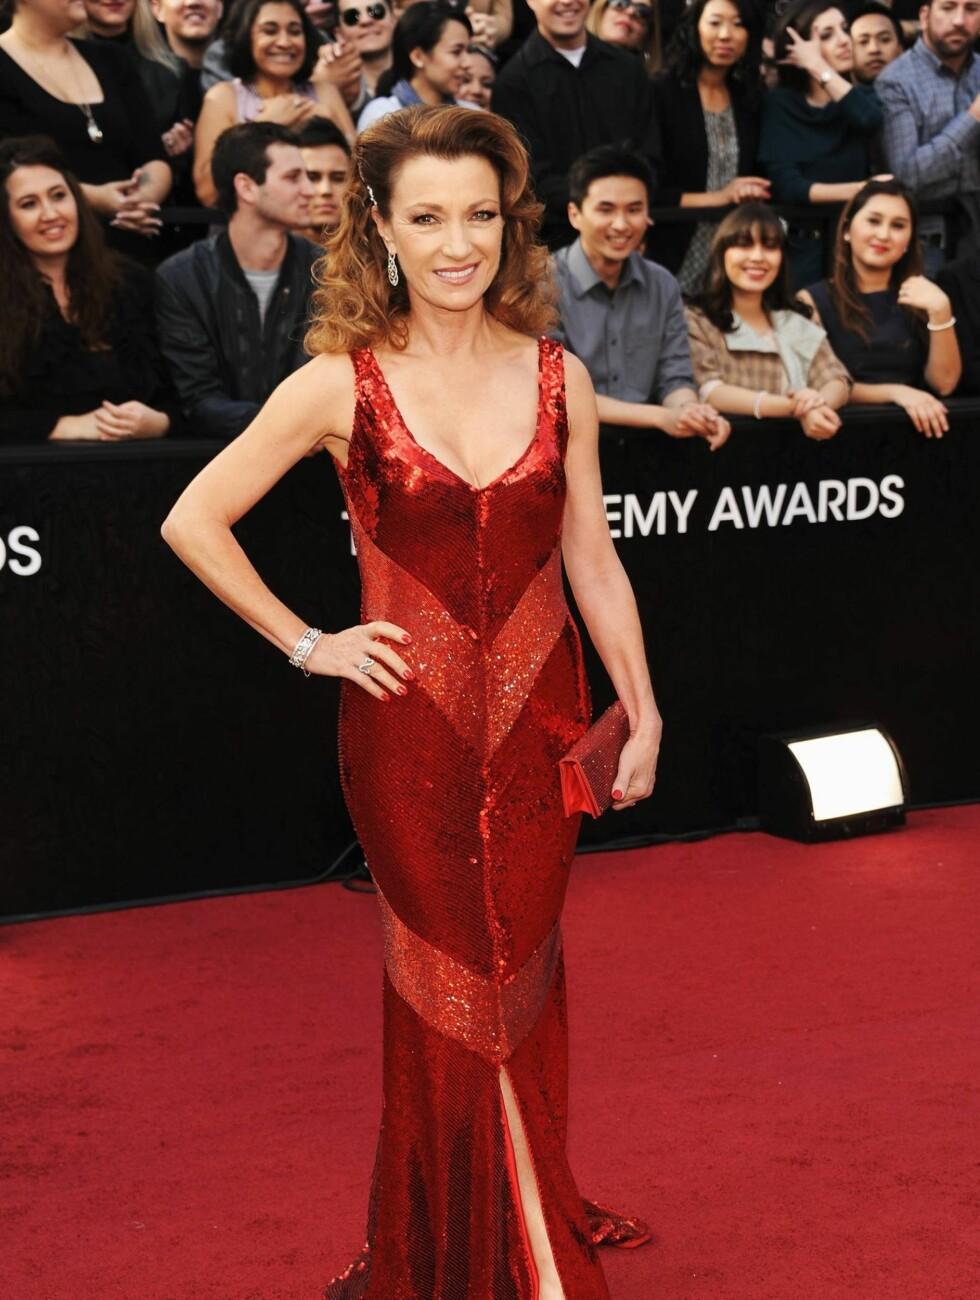 SEXY I RØDT: Jane Seymour kom i rød paljettkjole med høy splitt og dyp utringning.  Foto: All Over Press